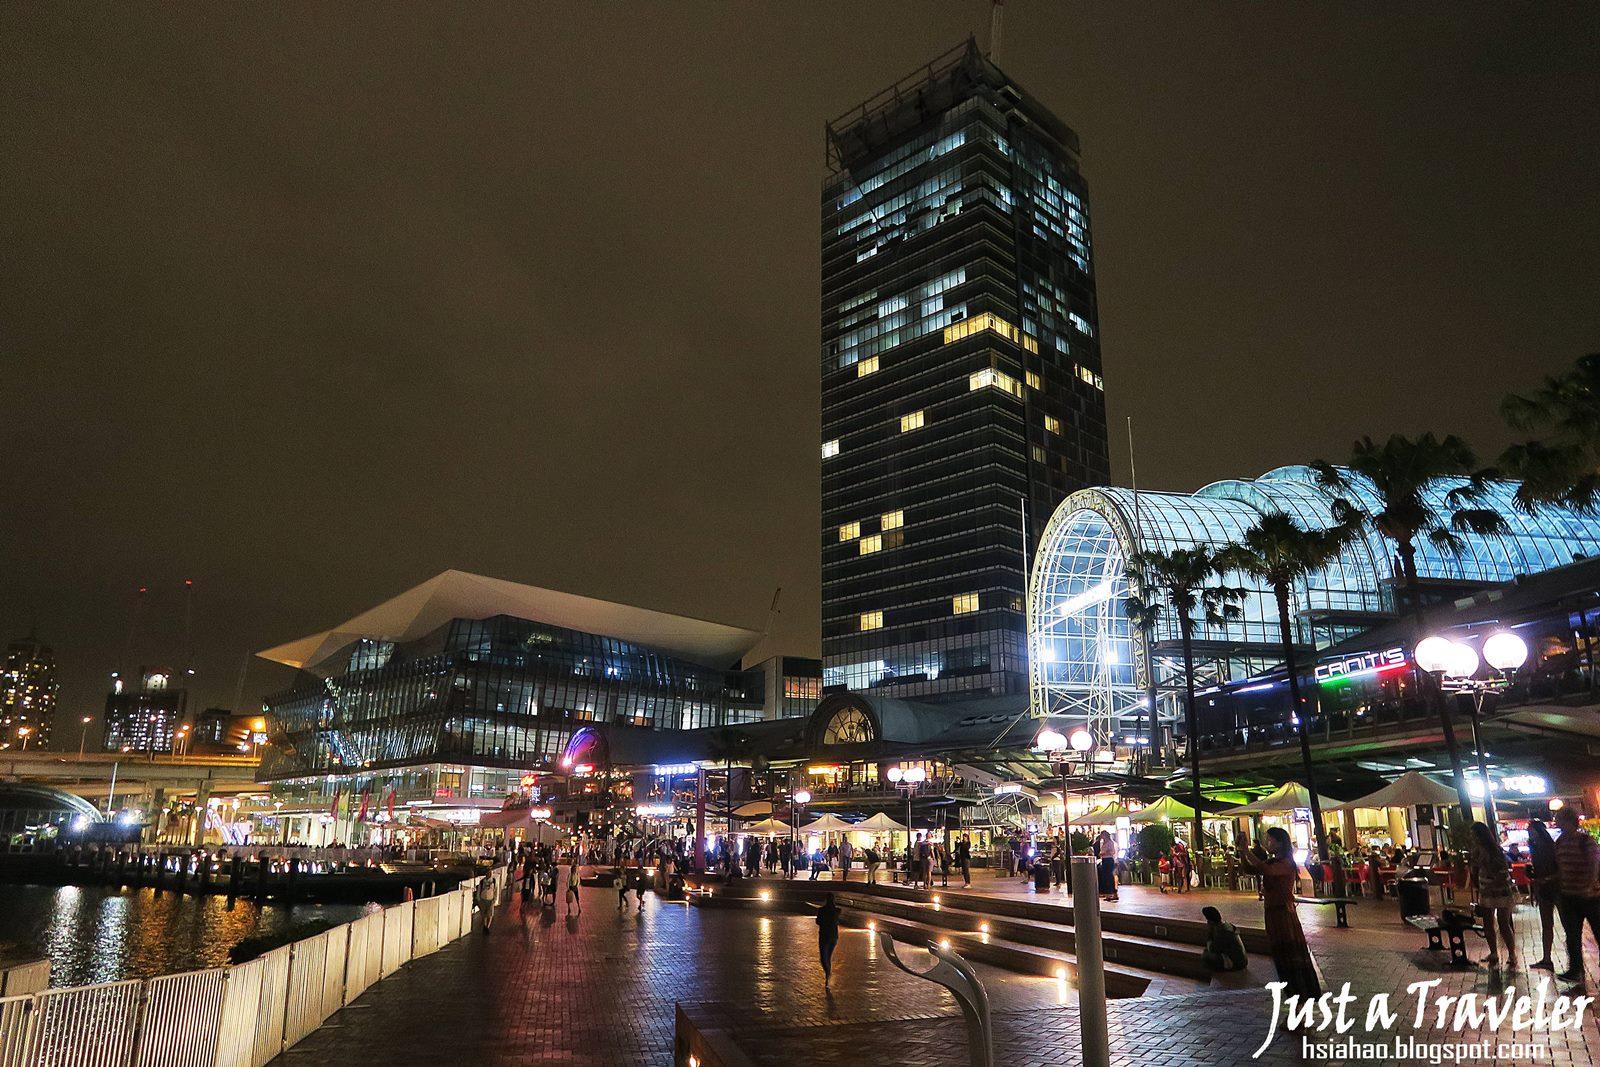 雪梨-景點-推薦-達令港-自由行-行程-旅遊-澳洲-購物中心-Harbourside Shopping Centre-Darling-Harbour-Tourist-Attraction-Travel